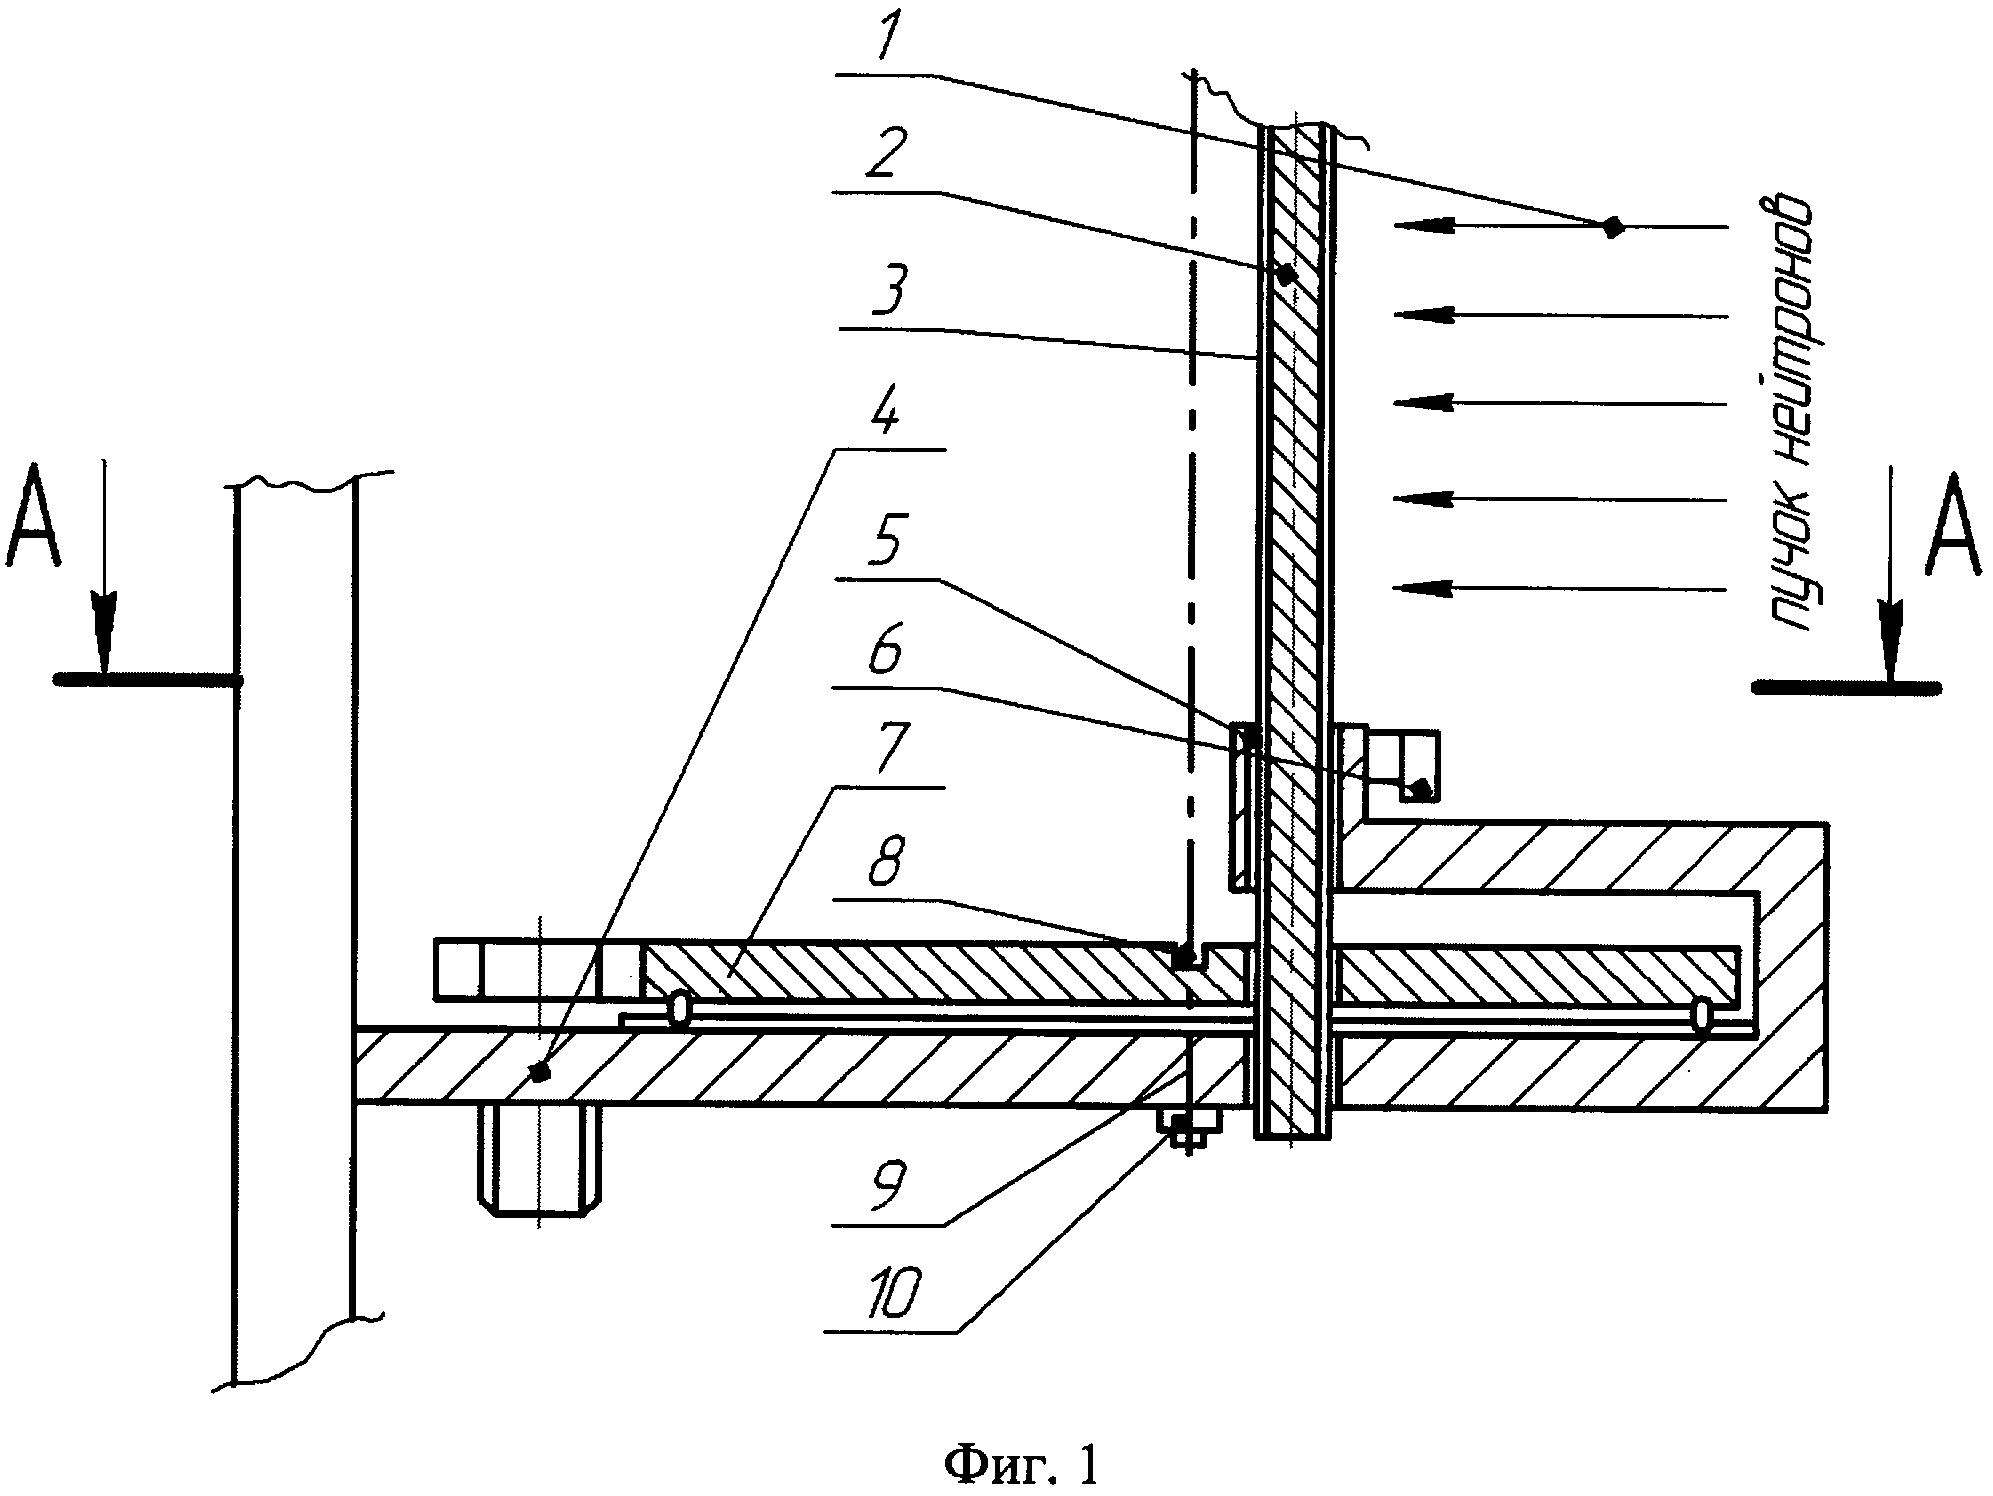 Способ нейтронной радиографии и установка для его осуществления